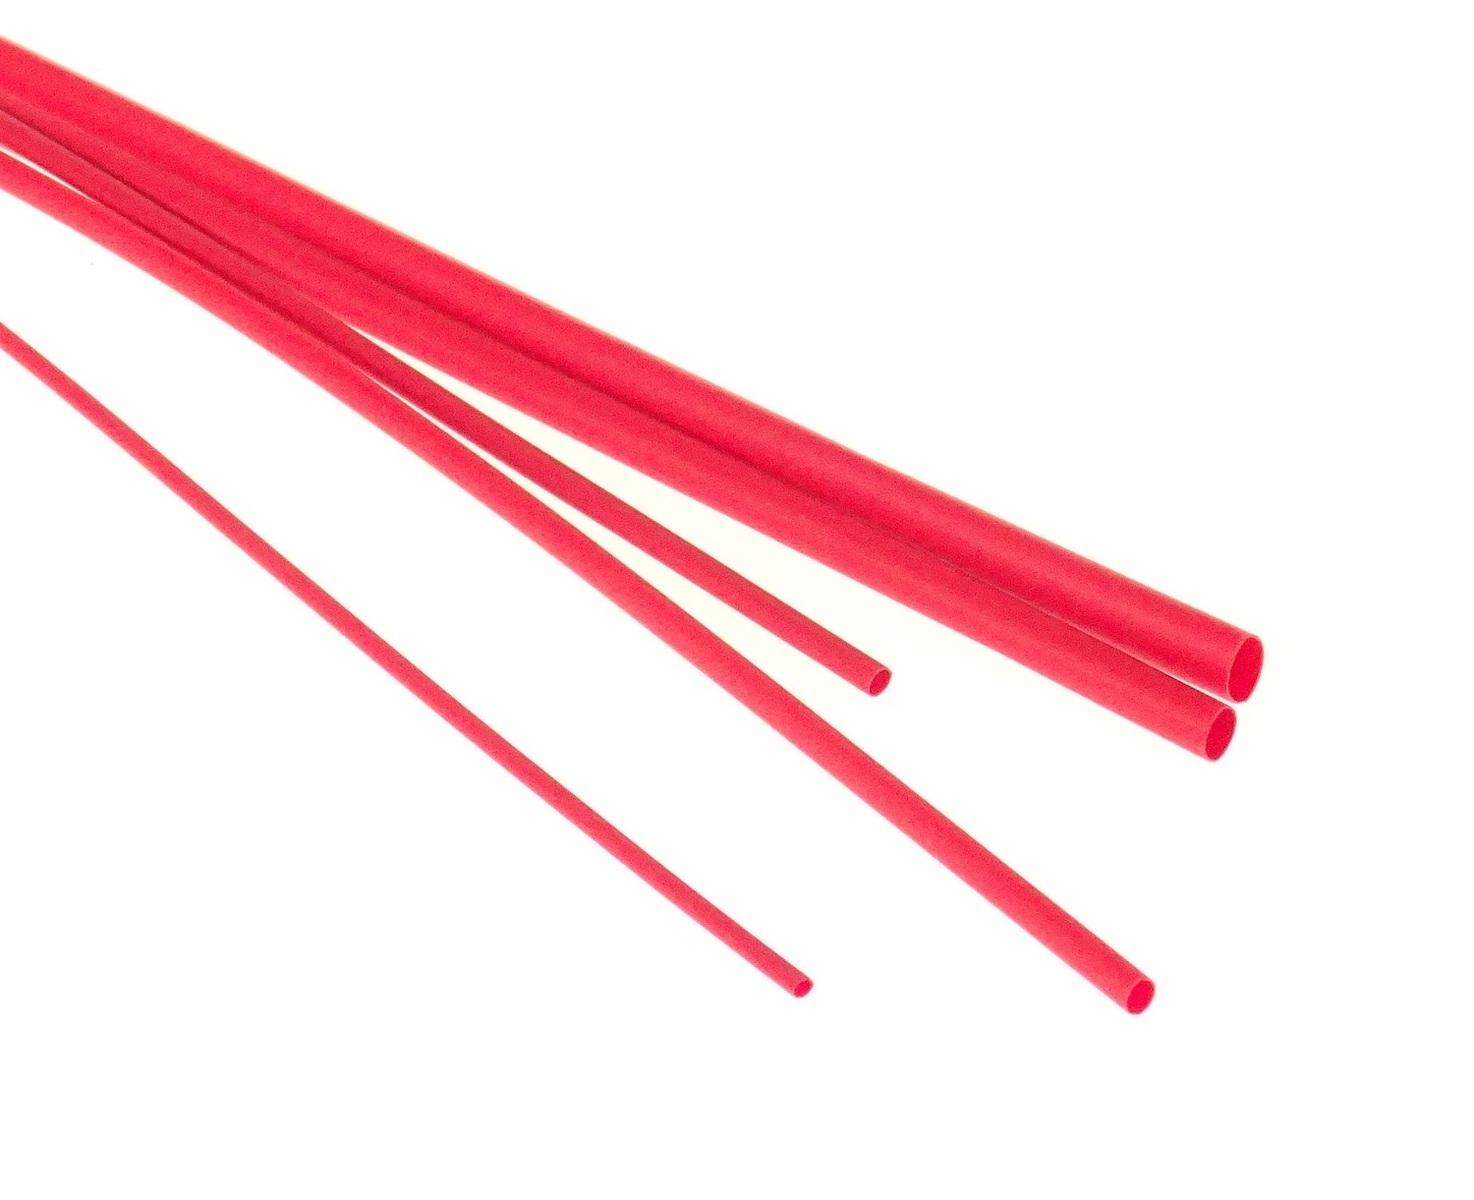 Bužírka - hadička smršťovací 2,4/1,2 mm, délka 1 m, polyetylen - červená